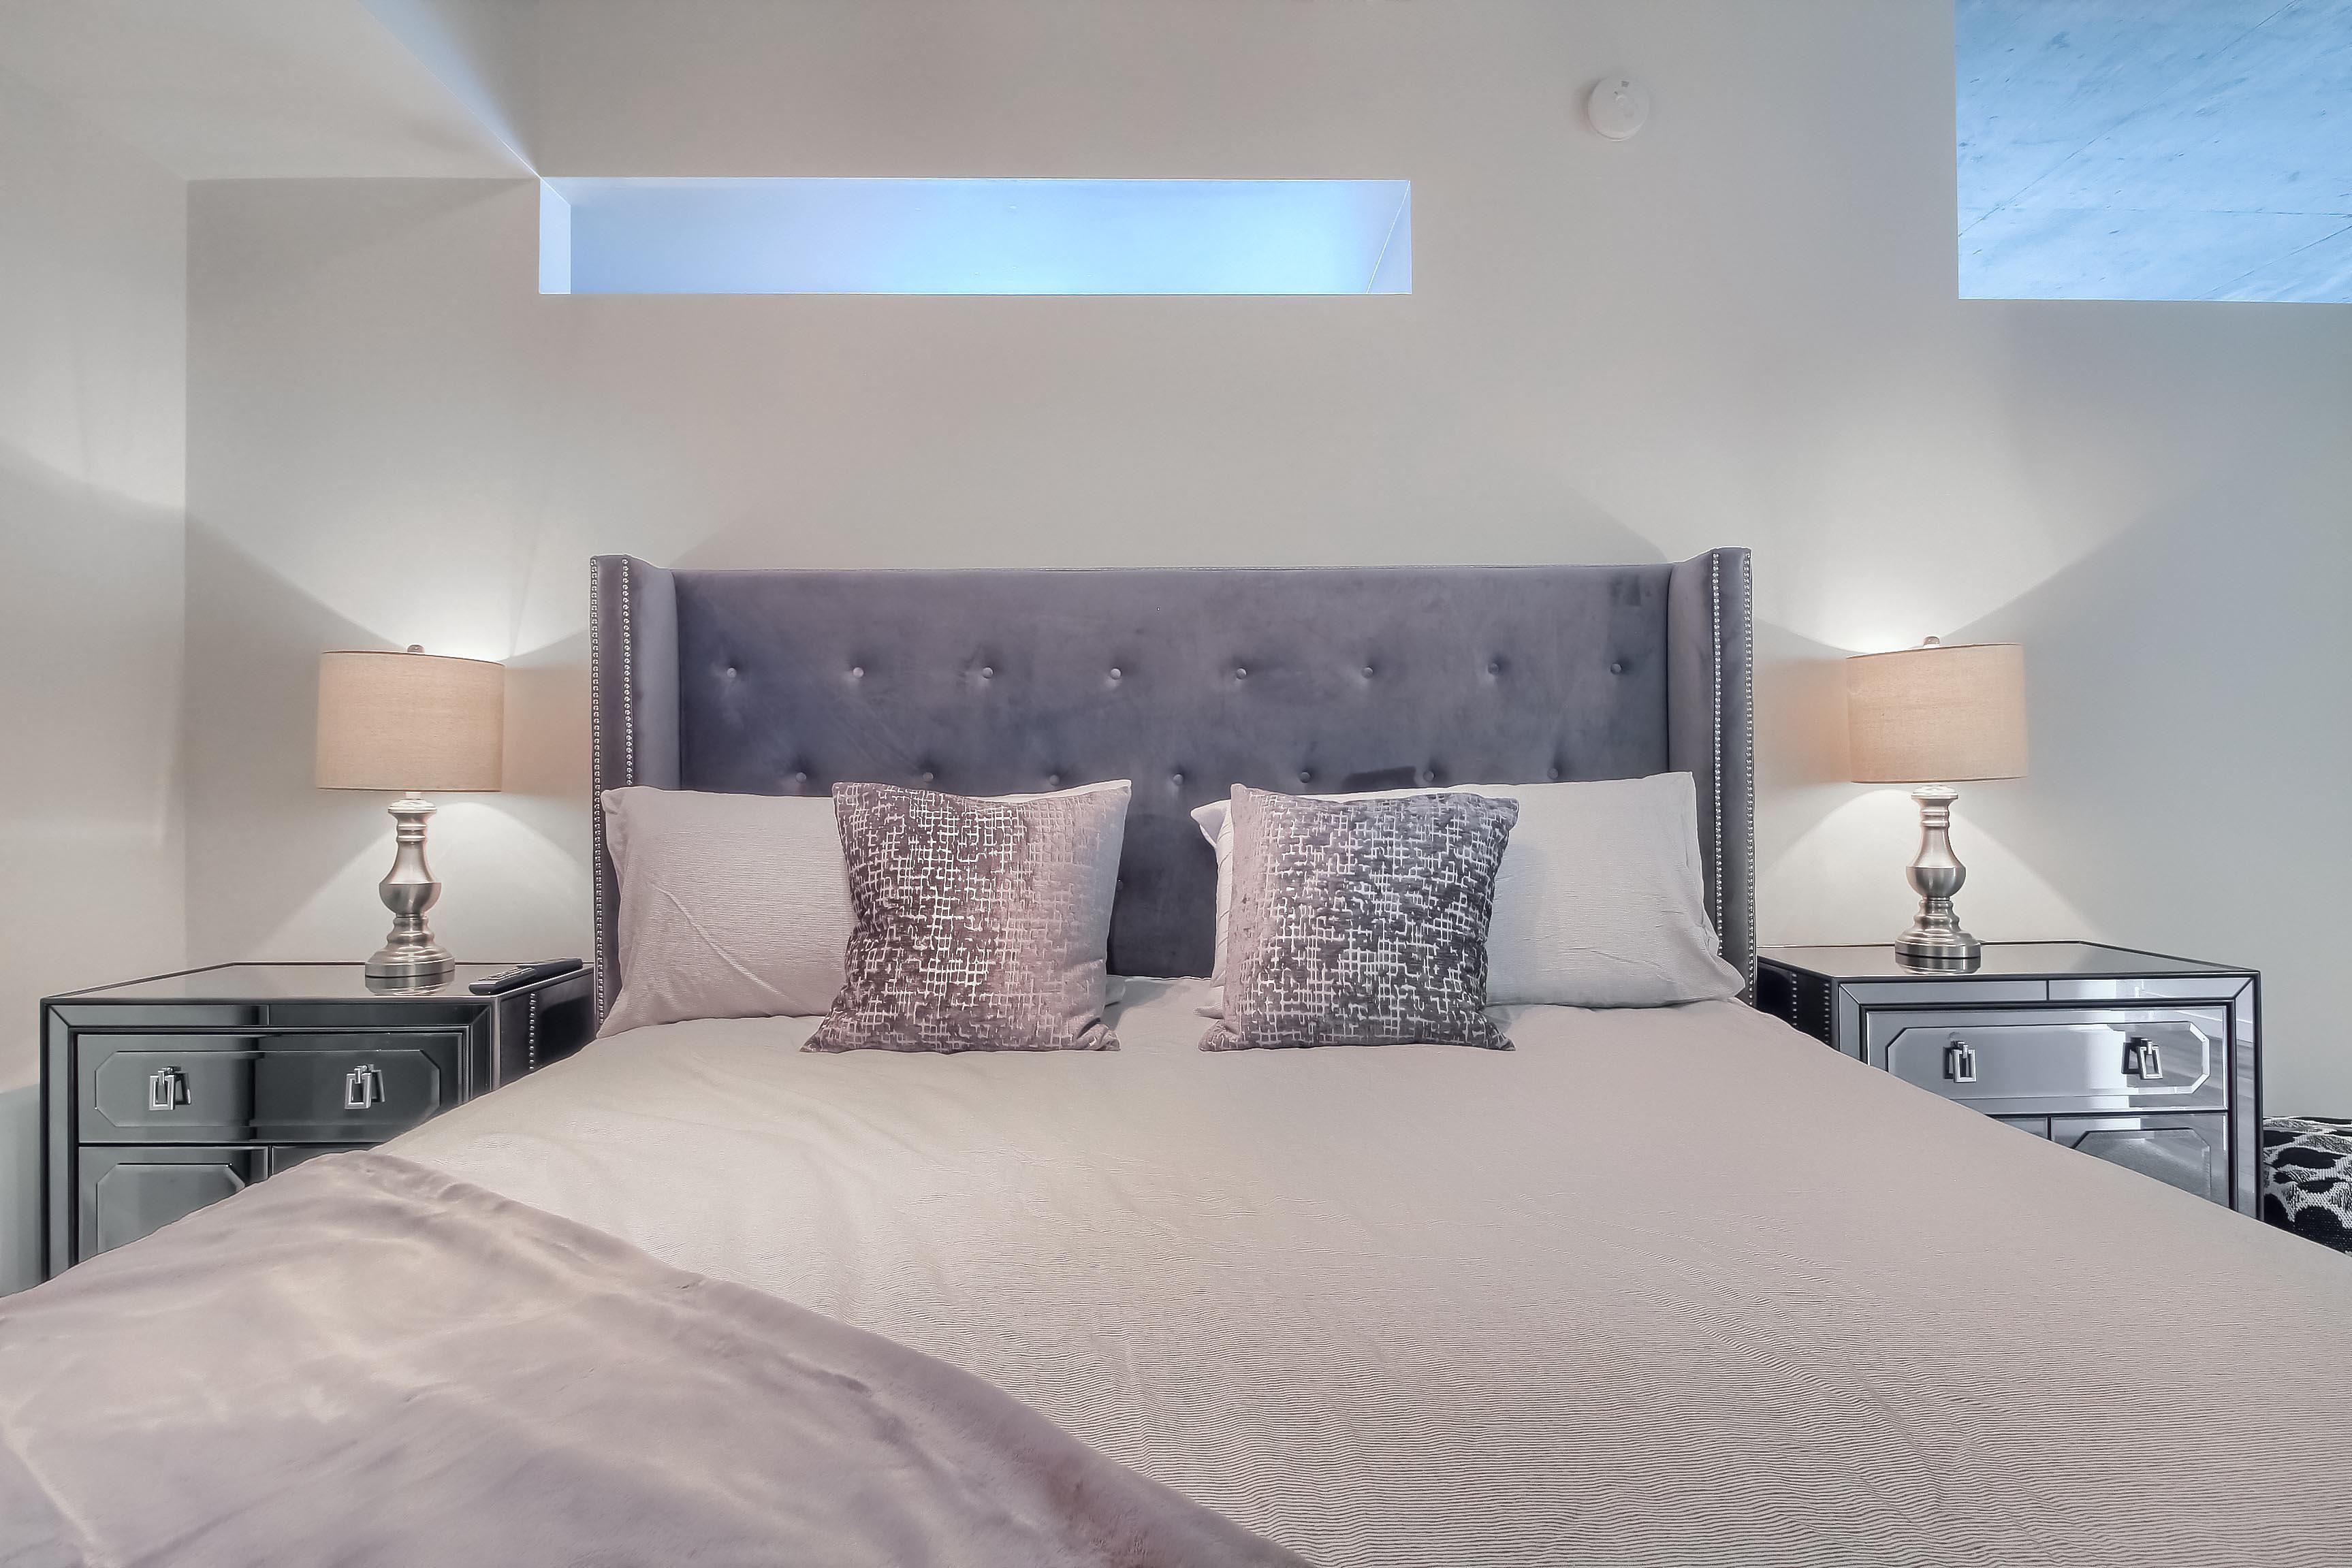 04_Main_Bedroom__MG_1132.JPG